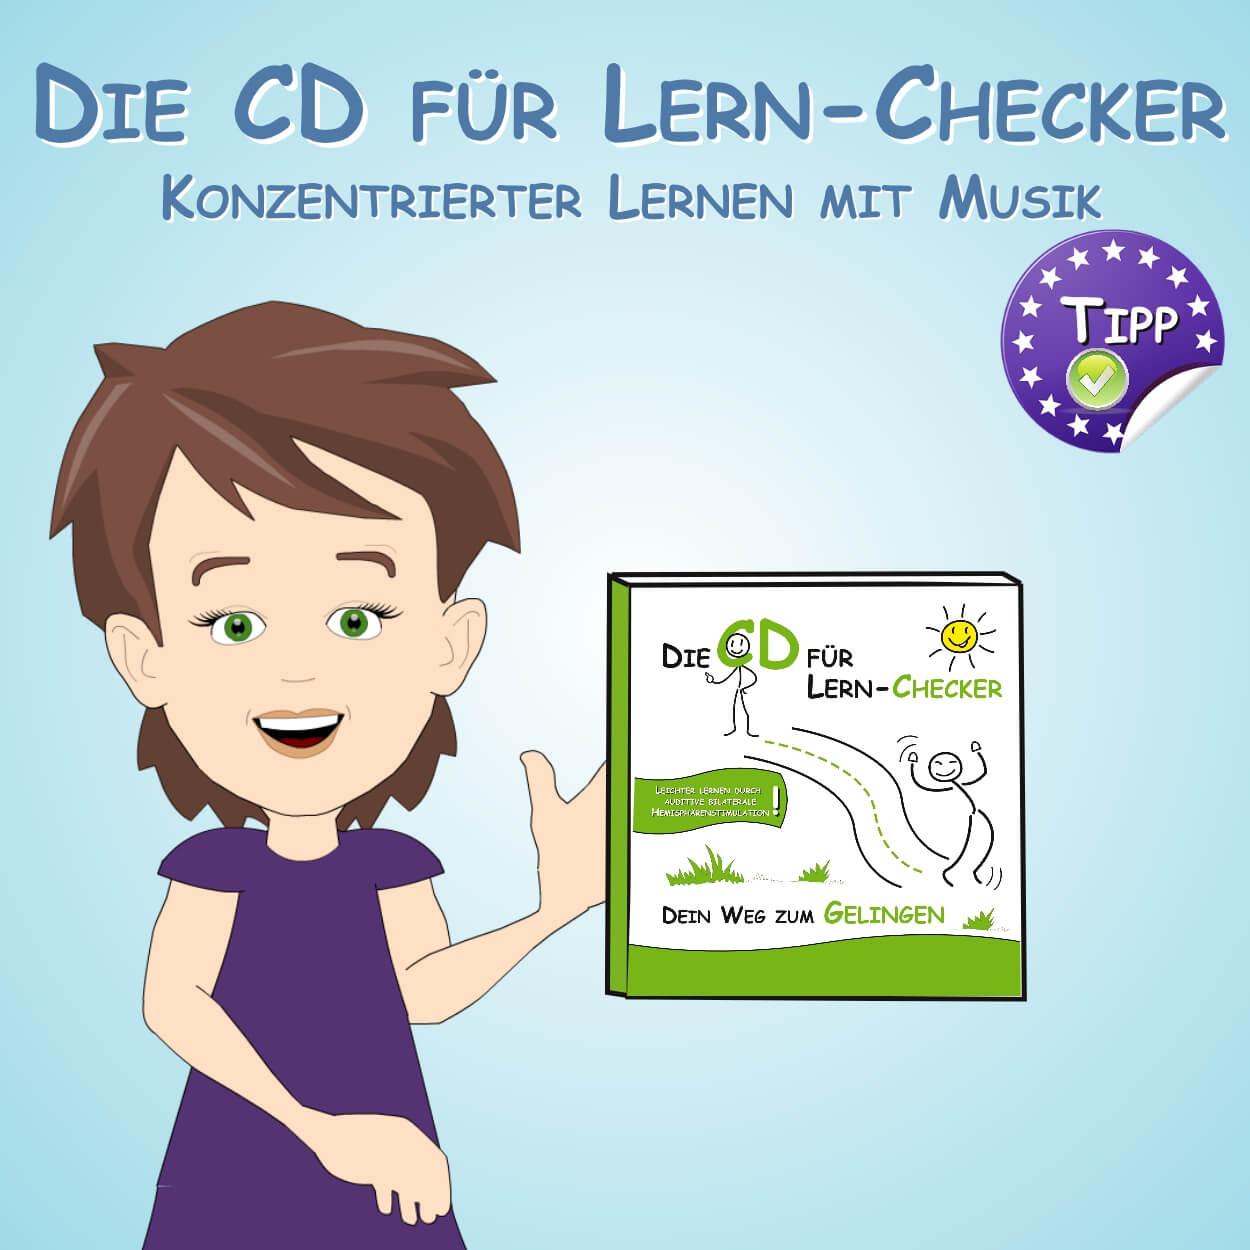 CD Lern-Checker - Konzentrierter Lernen mit Musik